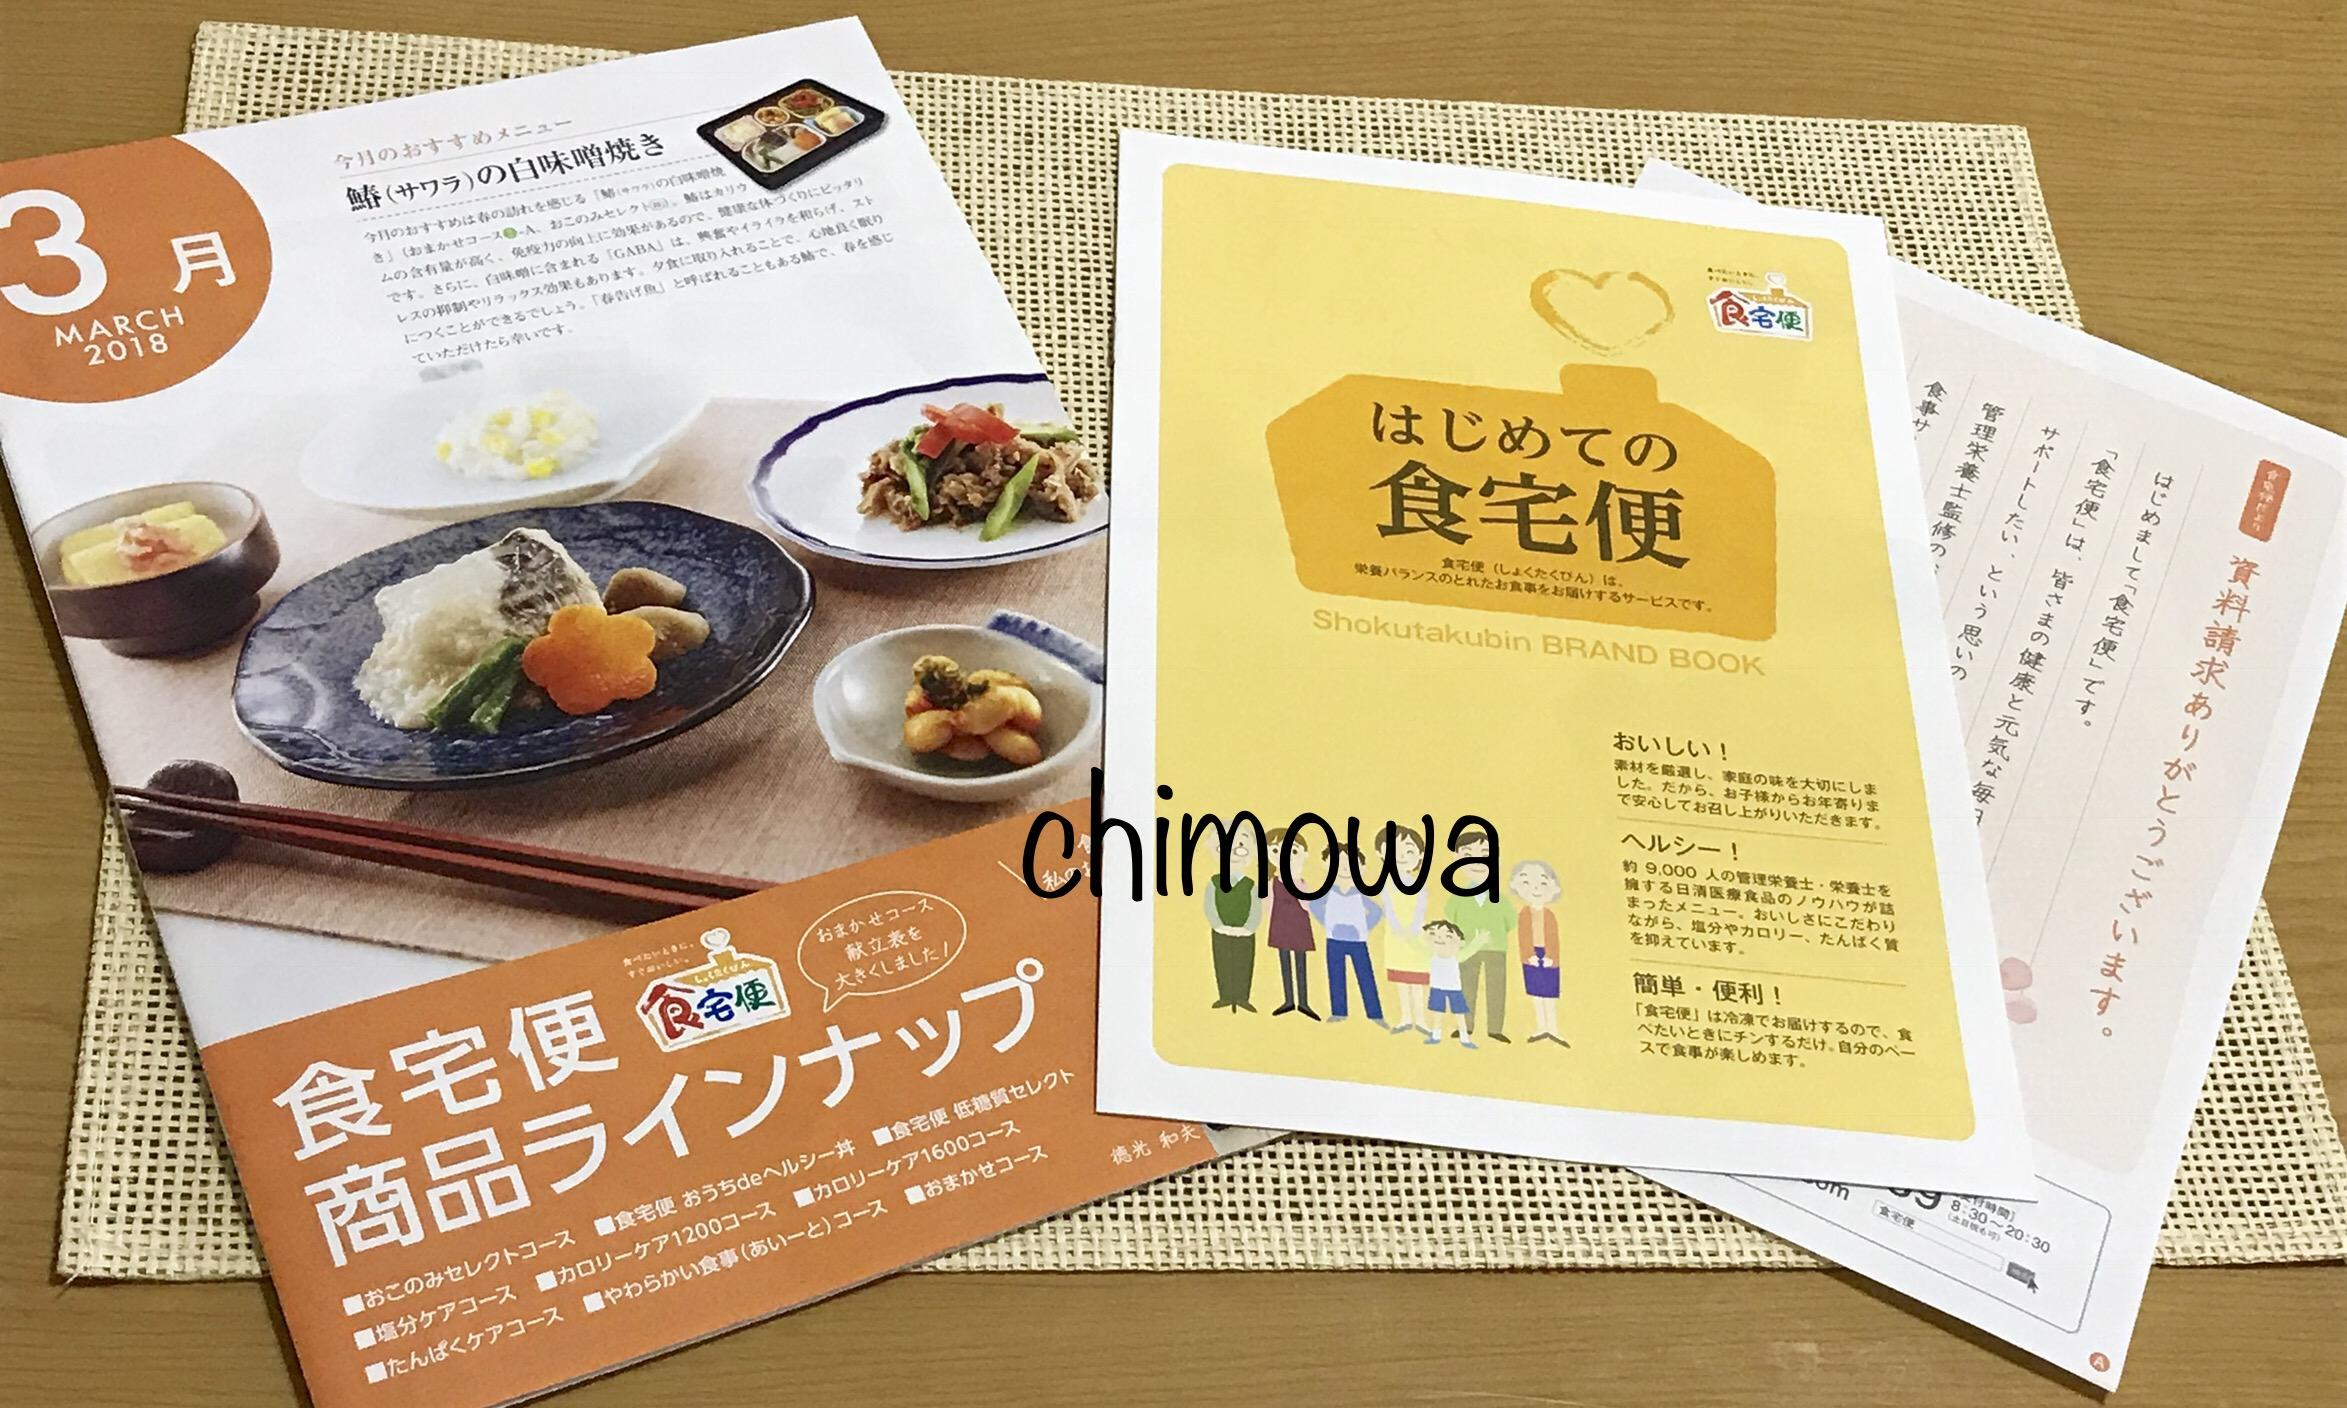 食宅便から届いた無料パンフレット『はじめての食宅便』と『商品ラインナップ』の写真